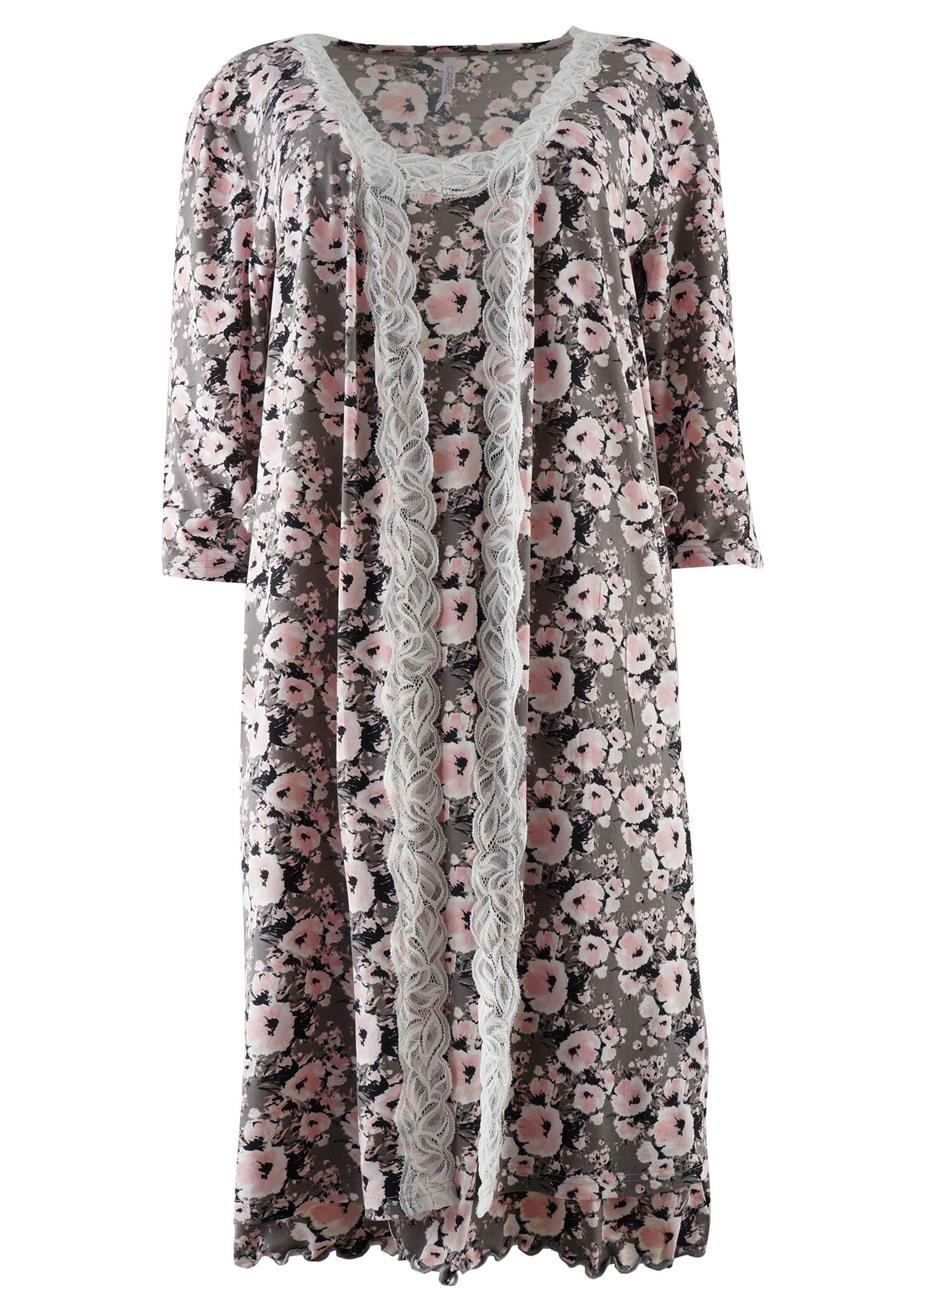 Γυναικείο set ρόμπα & νυχτικό floral print. Elegance style. ΓΚΡΙ